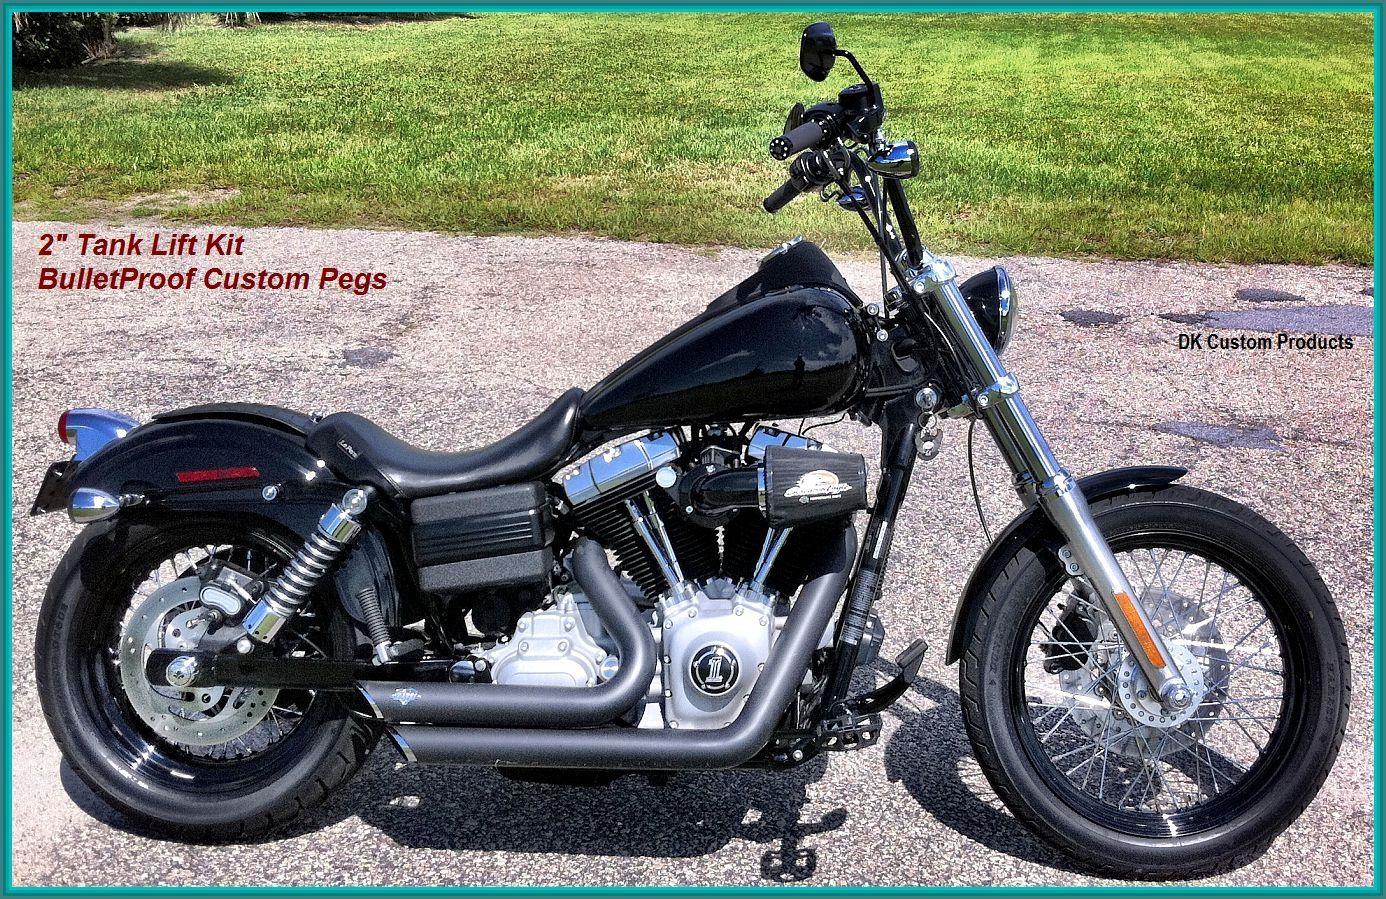 2 inch tank lift kit harley davidson motorcycle dyna glide. Black Bedroom Furniture Sets. Home Design Ideas